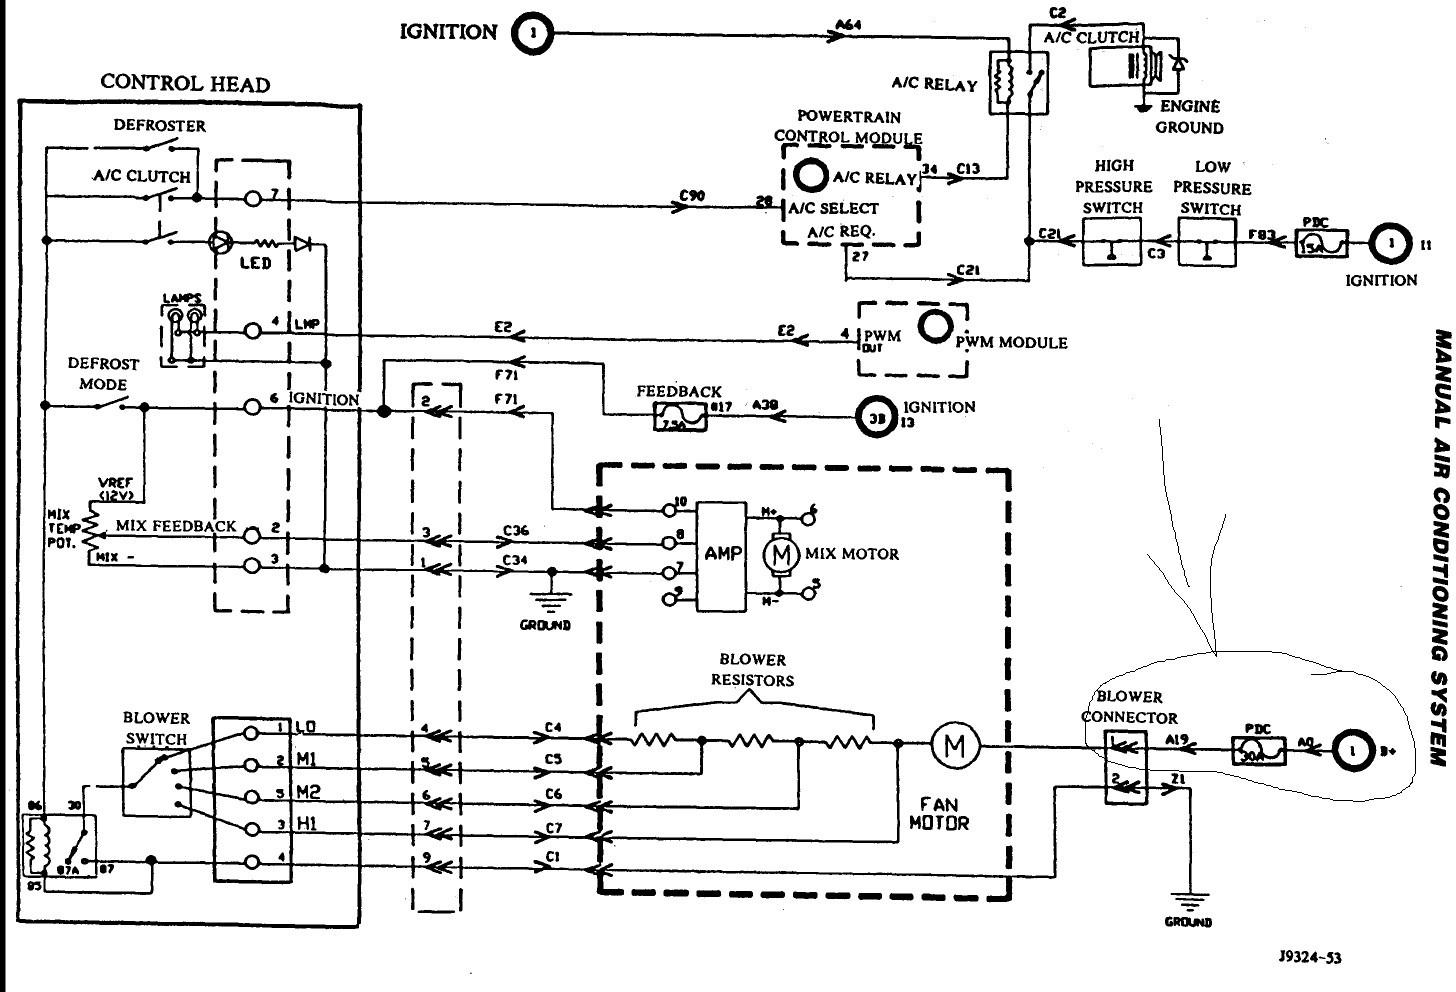 KT_0656] 2006 Jeep Grand Cherokee Stereo Wiring DiagramBarba Benkeme Mohammedshrine Librar Wiring 101